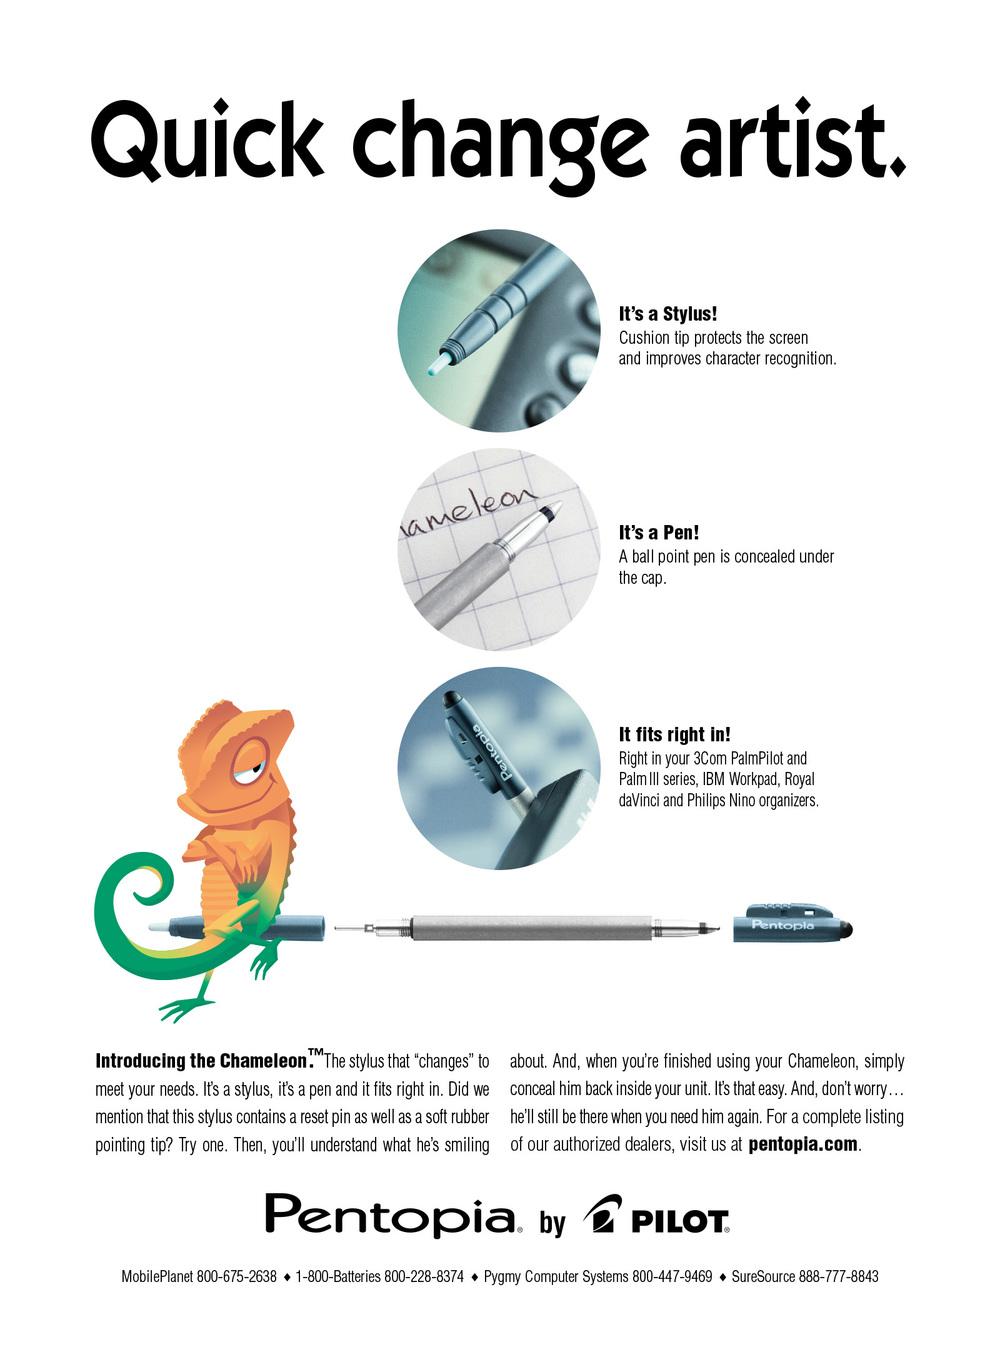 Chameleon ad webby.jpg